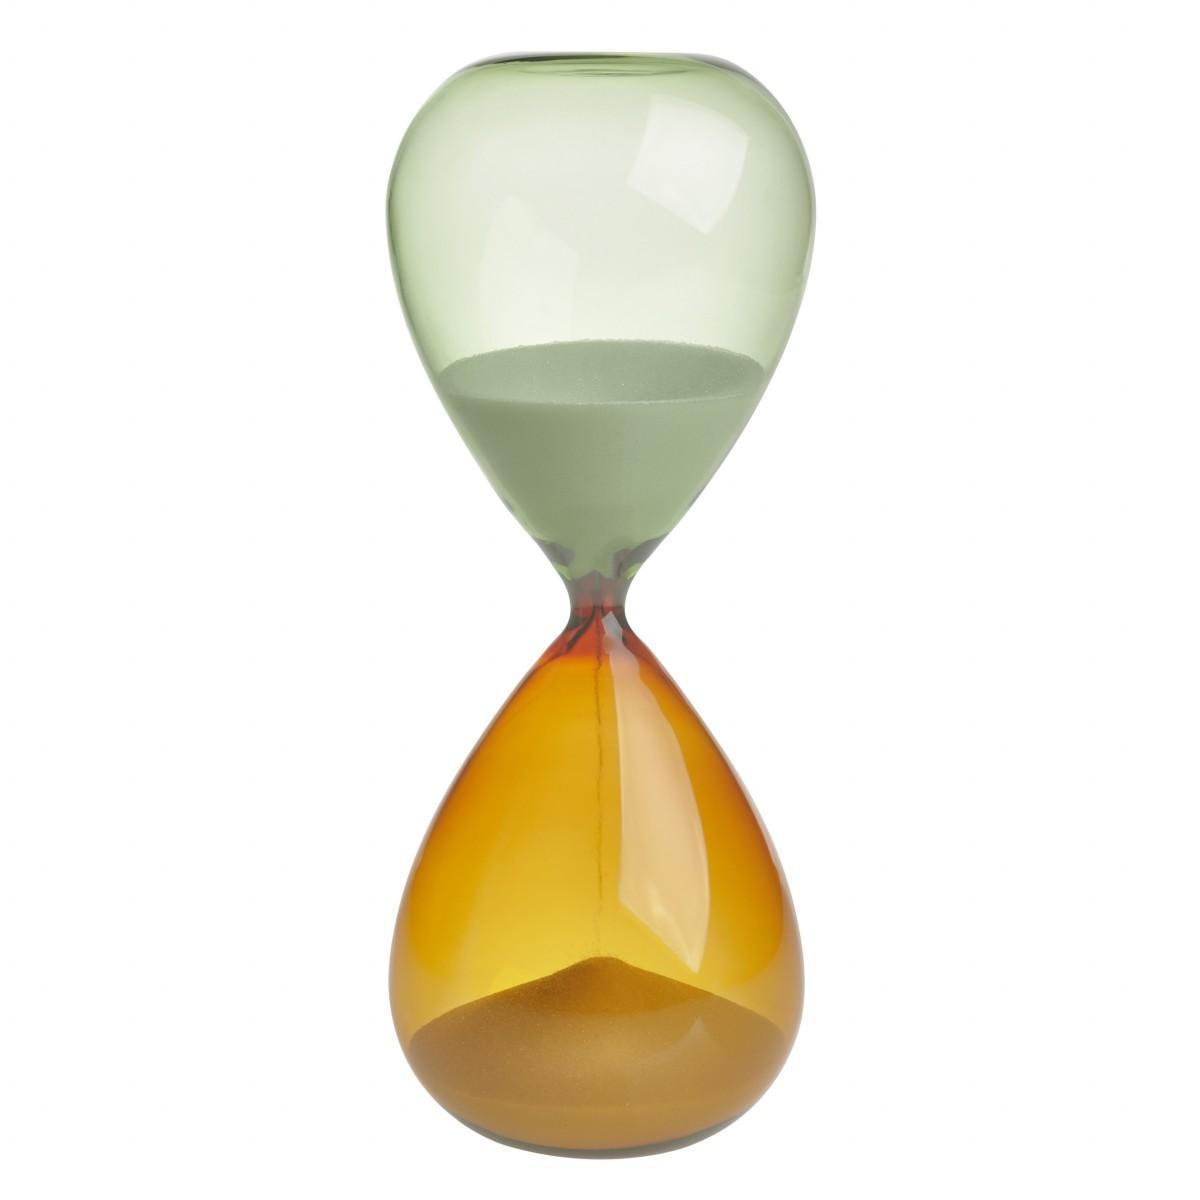 TFA 18.6009.02.41 - přesýpací hodiny - 15 minut - oranžová/zelená